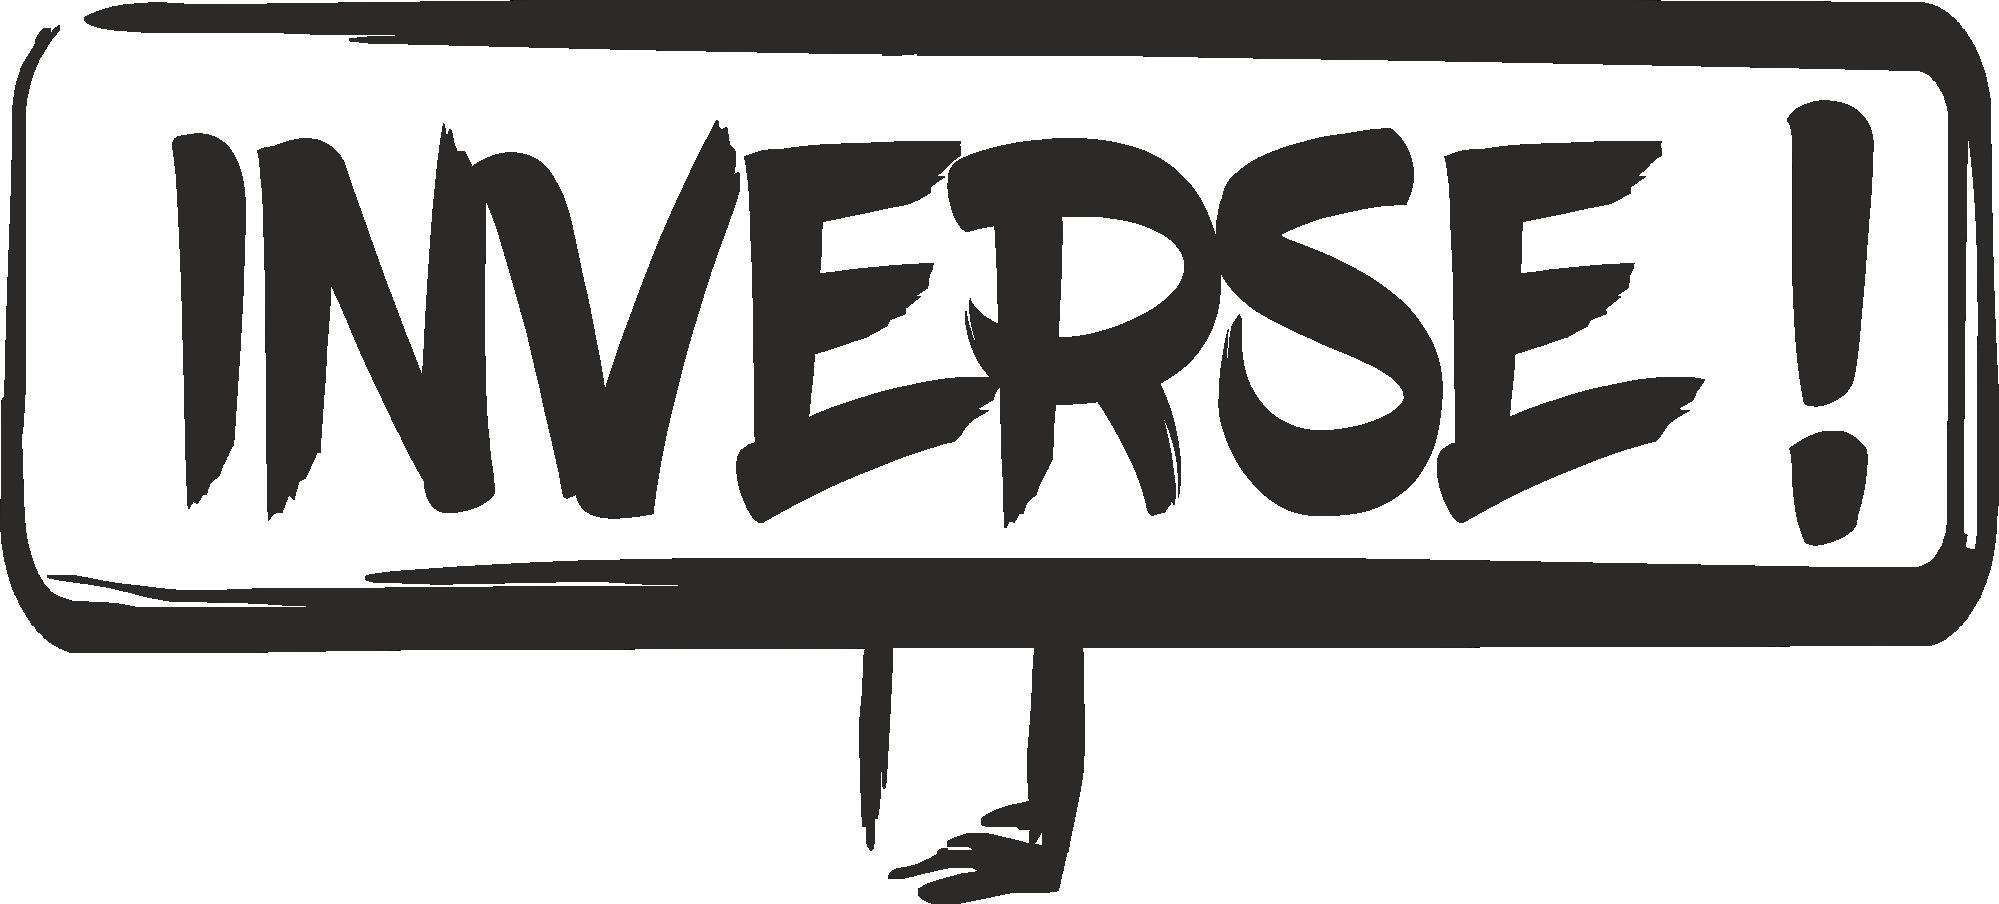 parapente logo sticker